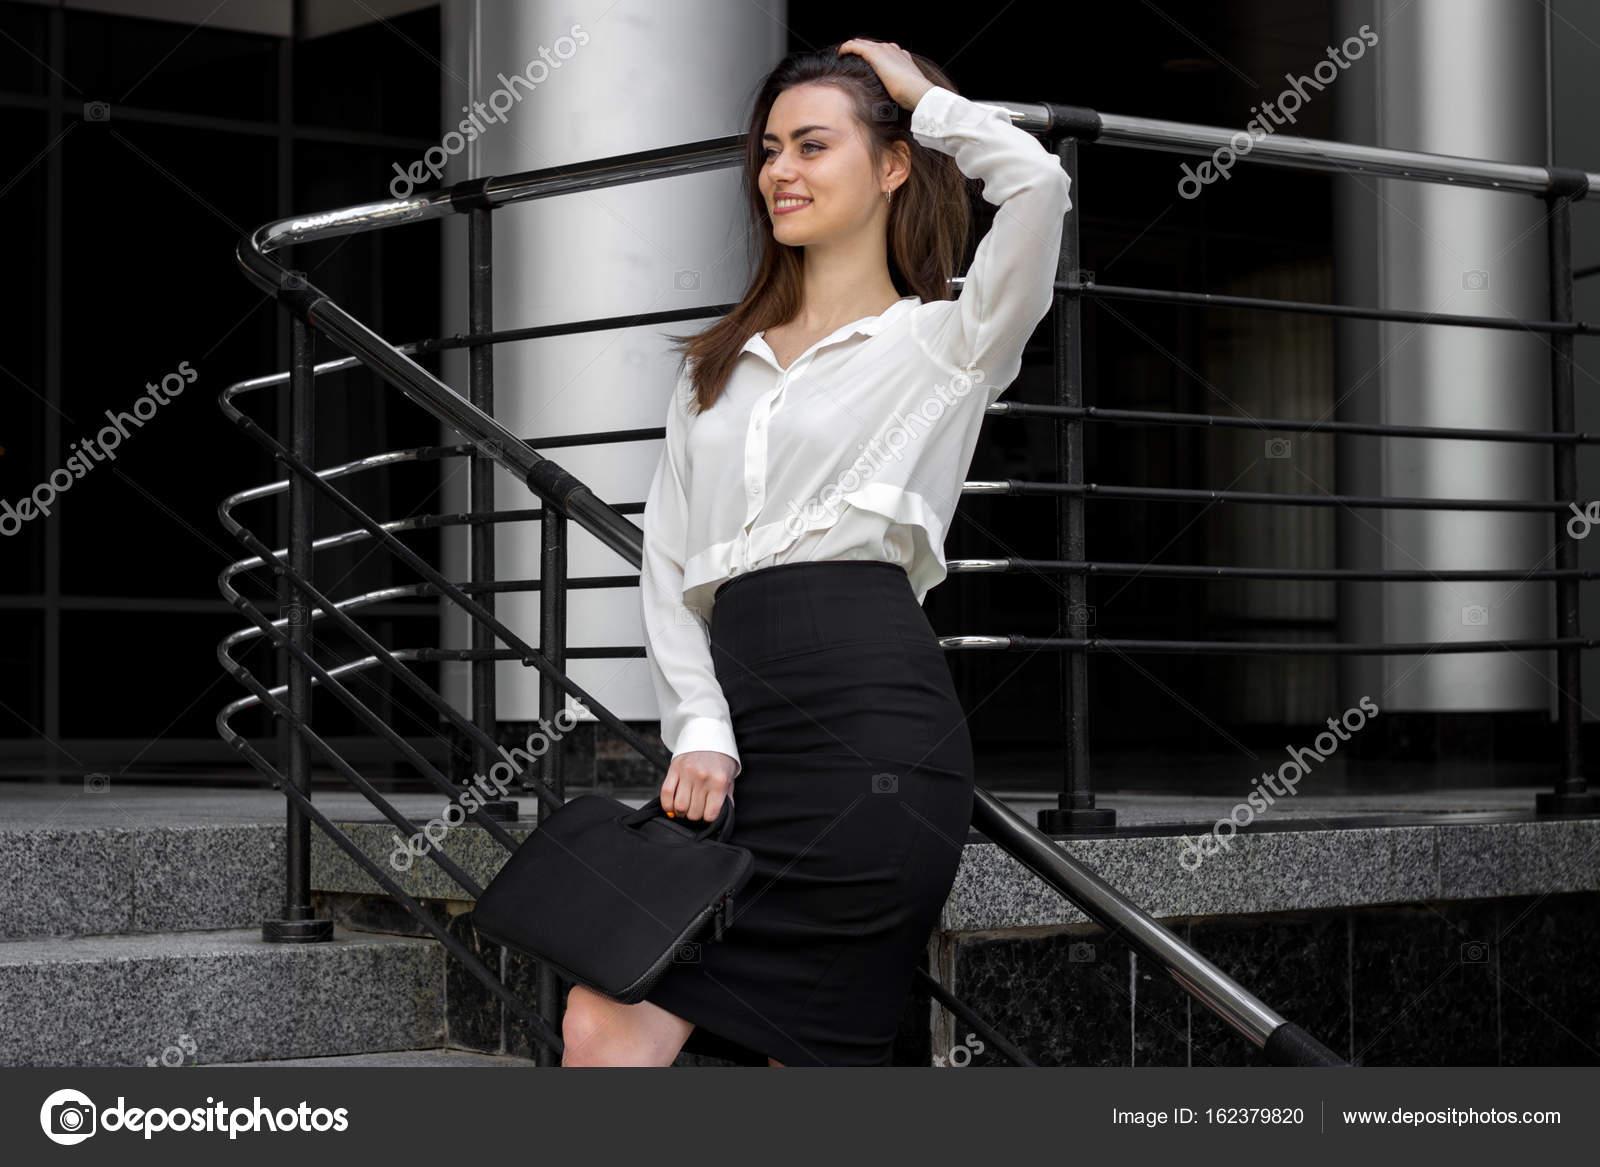 4338ac6f95d1 Attraktive Business-Frau in weißem Hemd und schwarzer Rock steht auf ...